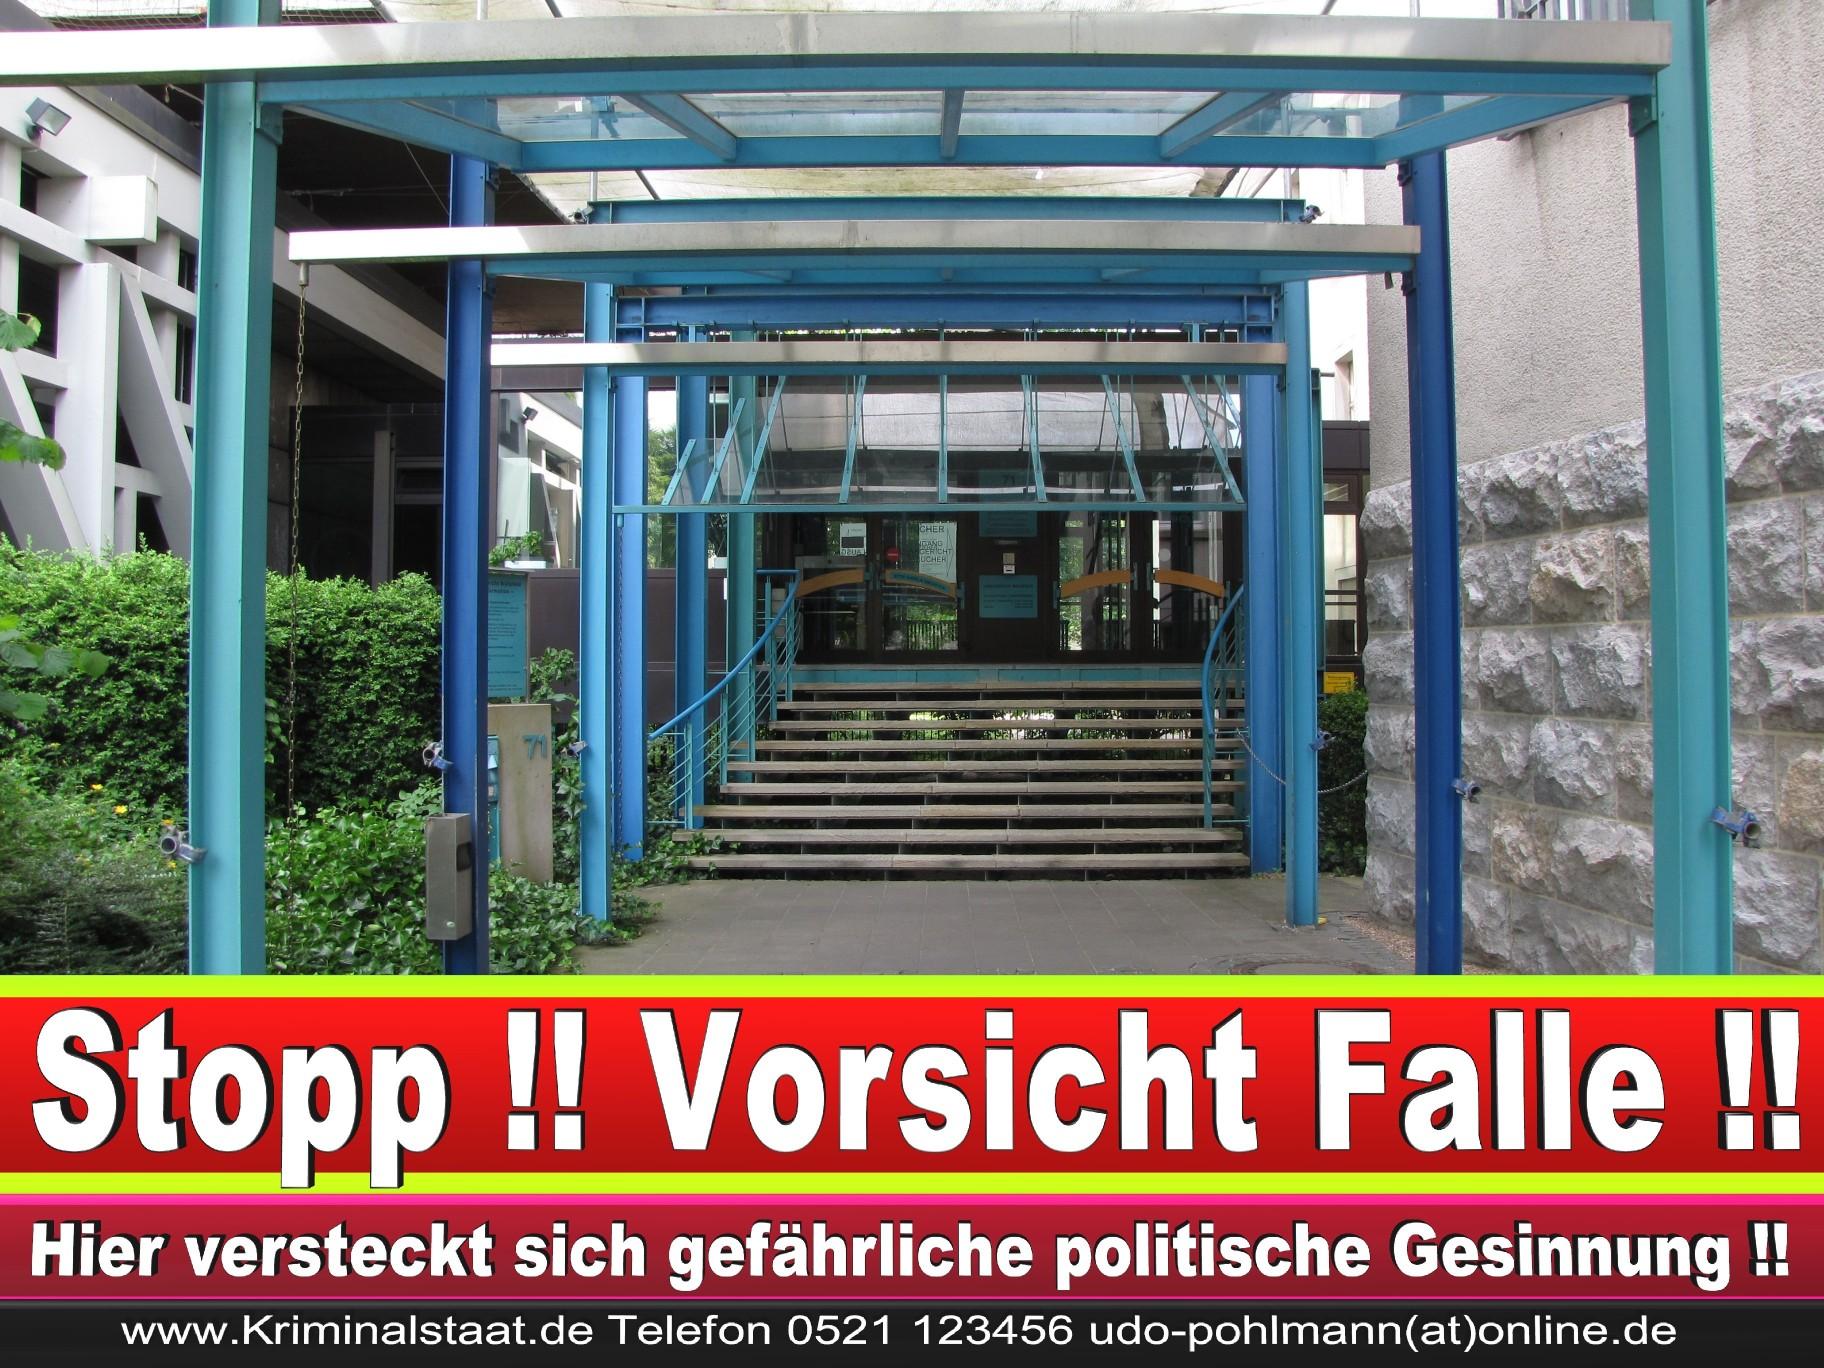 CDU Landgericht Bielefeld Landgerichtspräsident Klaus Petermann Hochstraße Bünde Jens Gnisa Richterbund Richtervereinigung 30